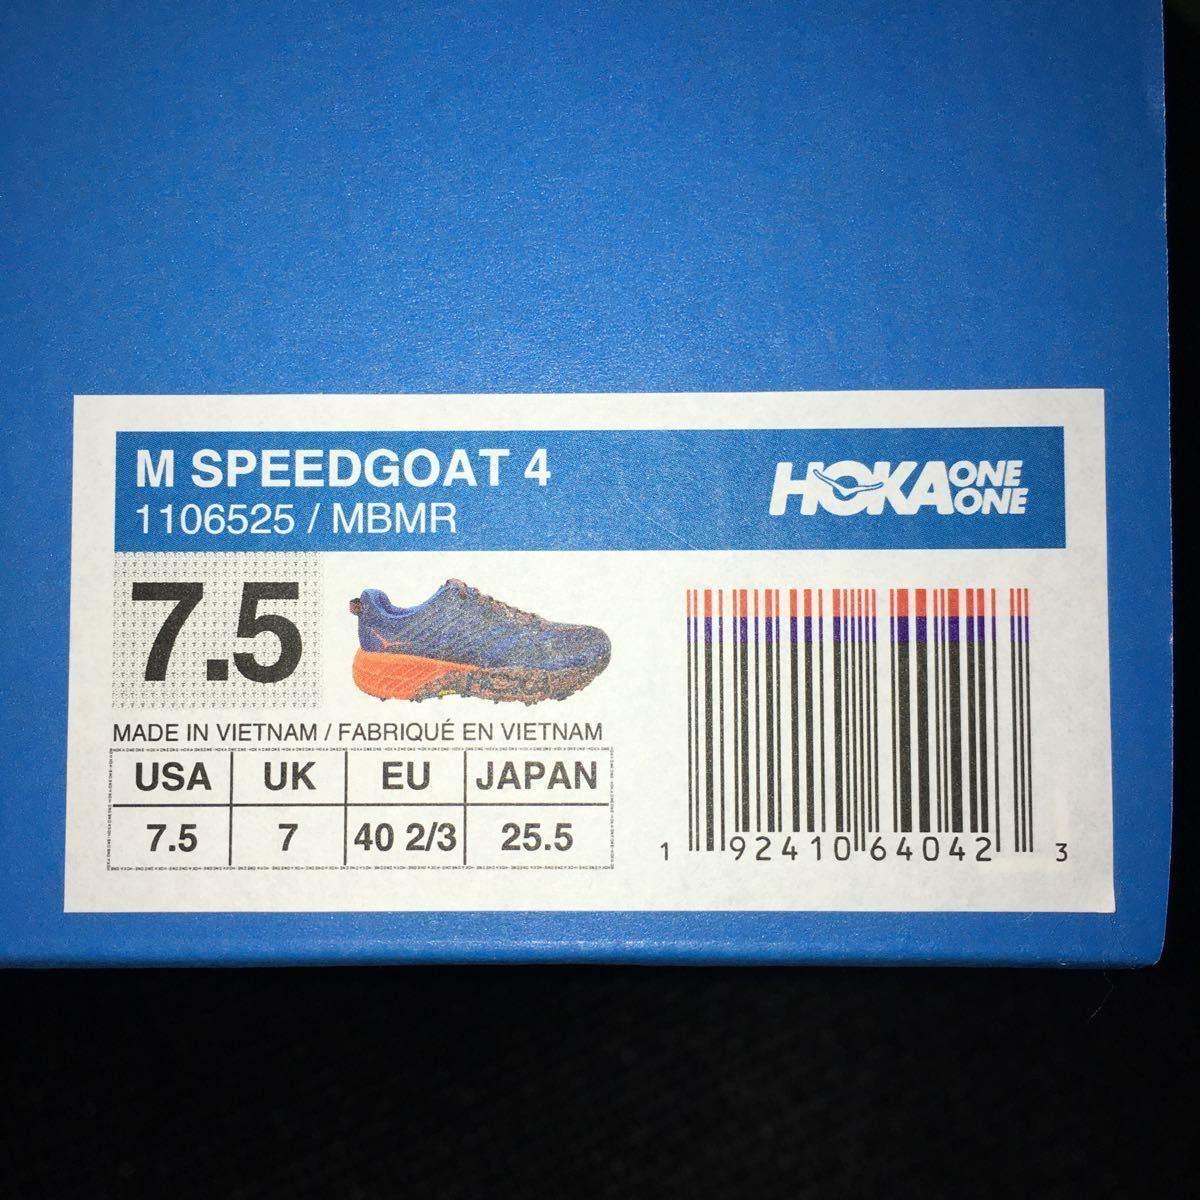 新品 送料無料 ホカオネオネ スピードゴート 4 HOKA ONE ONE SPEED GOAT 25.5cm US7.5 厚底 ランニングシューズ トレイルランニング